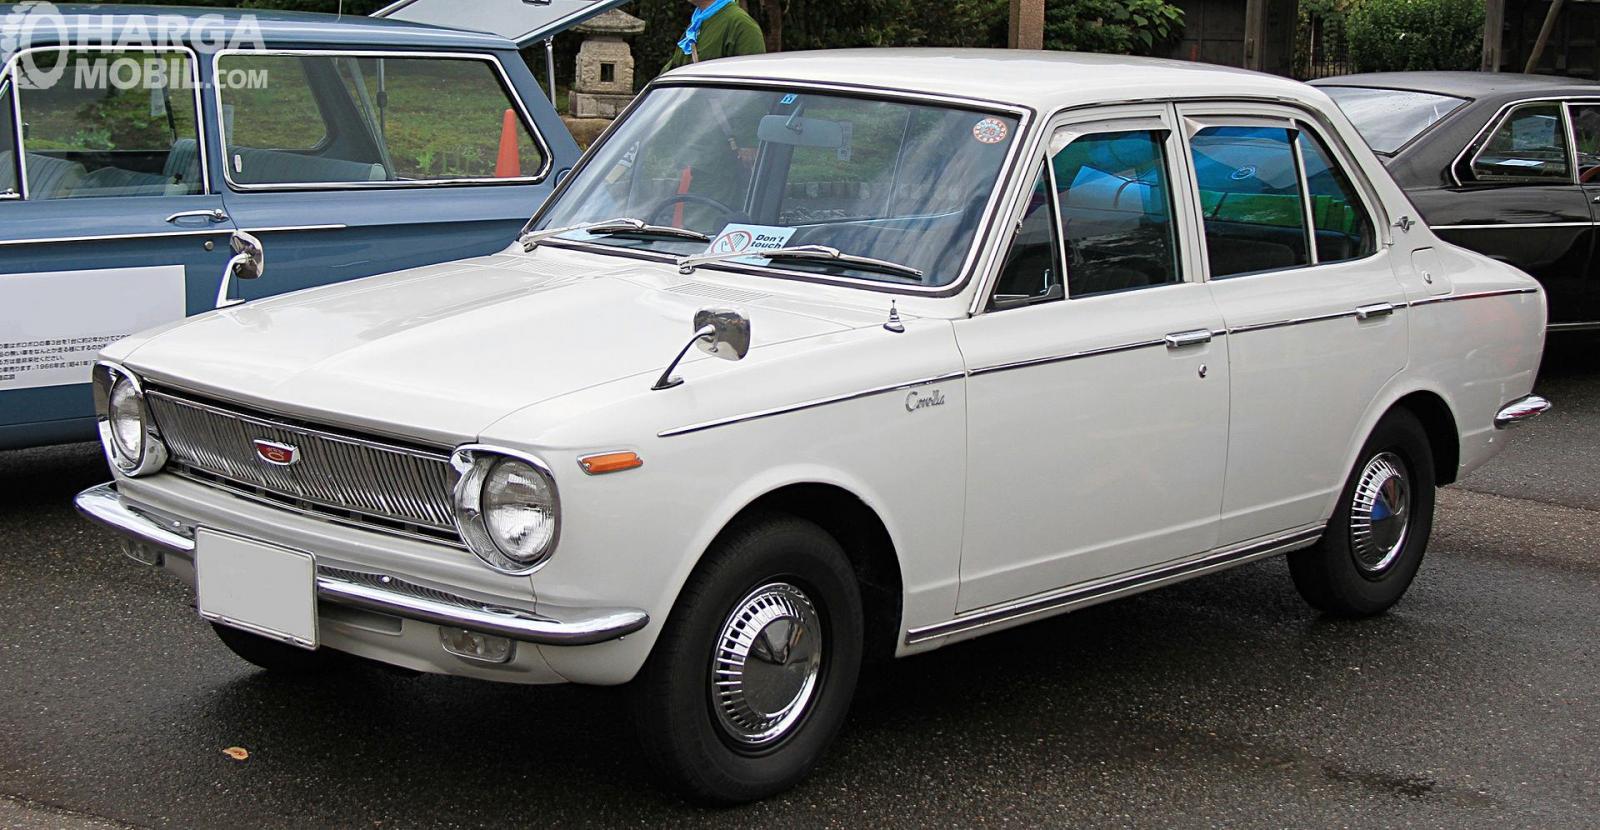 Foto Toyota Corolla 1966 - Generasi pertama Toyota Corolla yang dipasarkan di Jepang